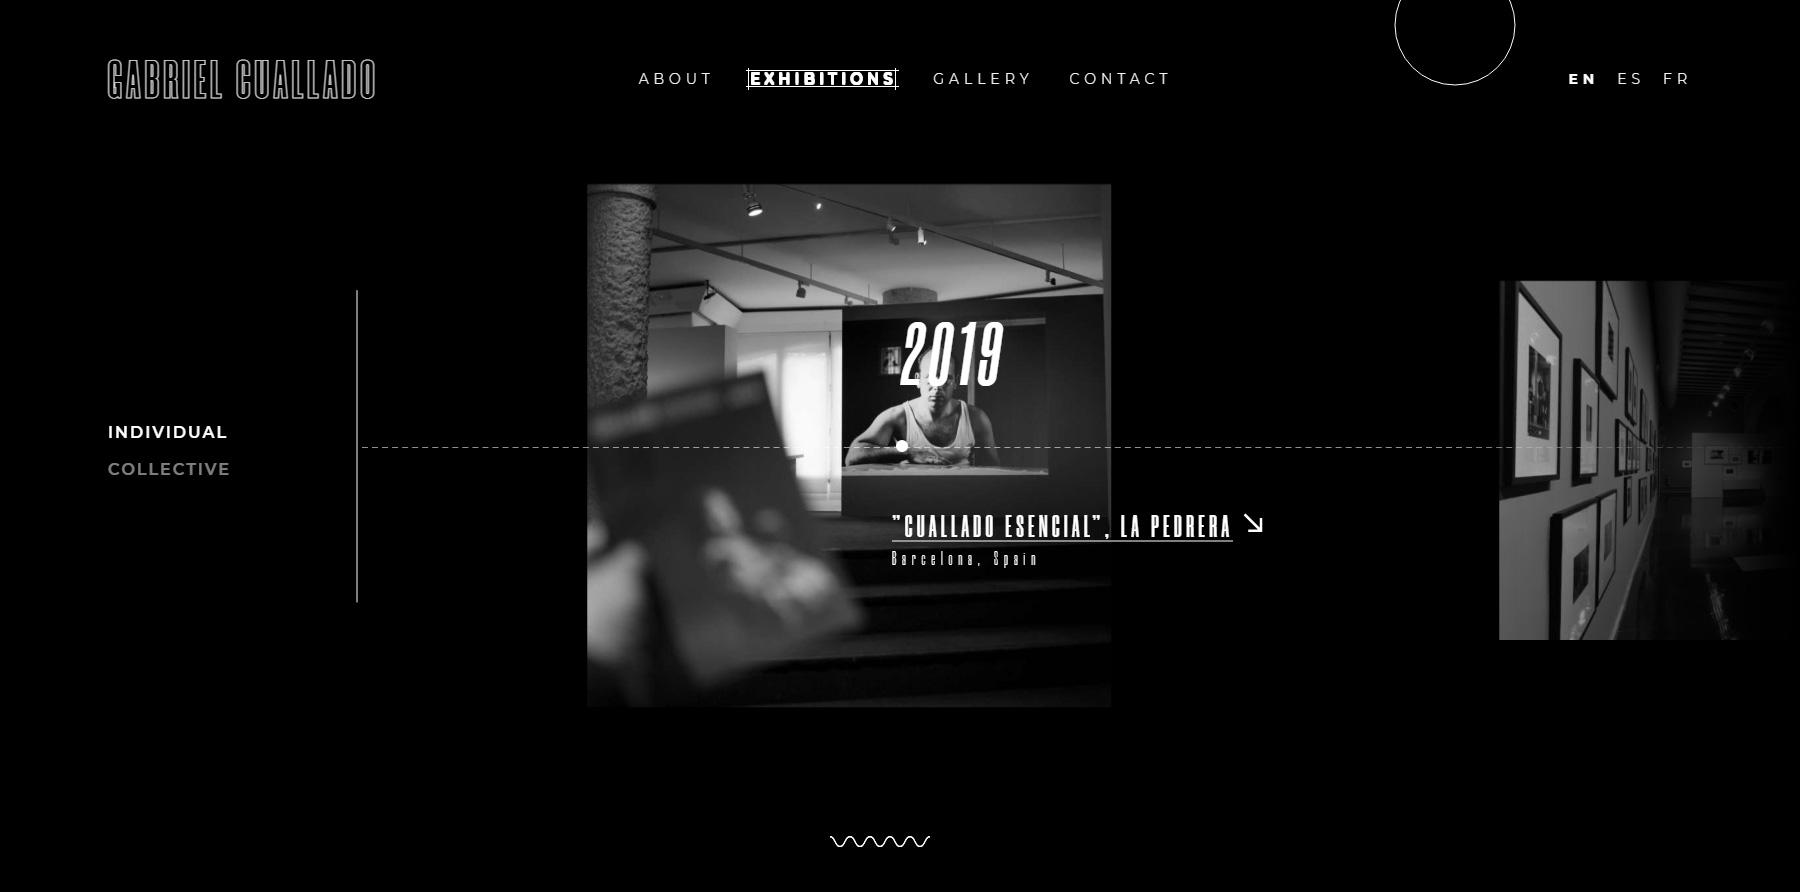 Gabriel Cuallado - Website of the Day